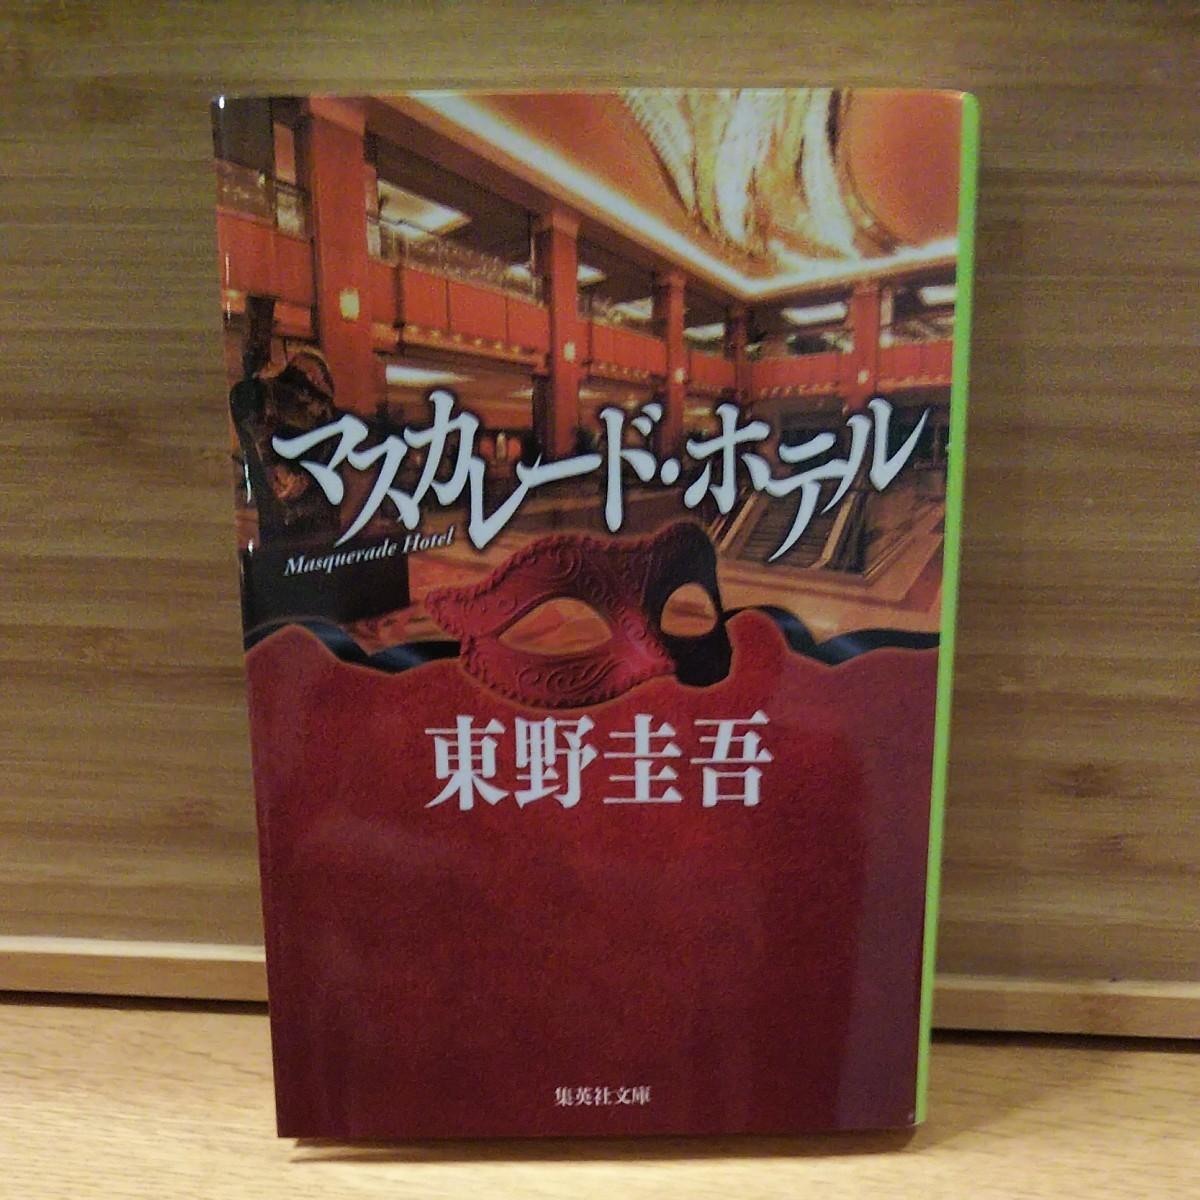 小説 文庫本 マスカレード・ホテル マスカレードホテル 東野圭吾